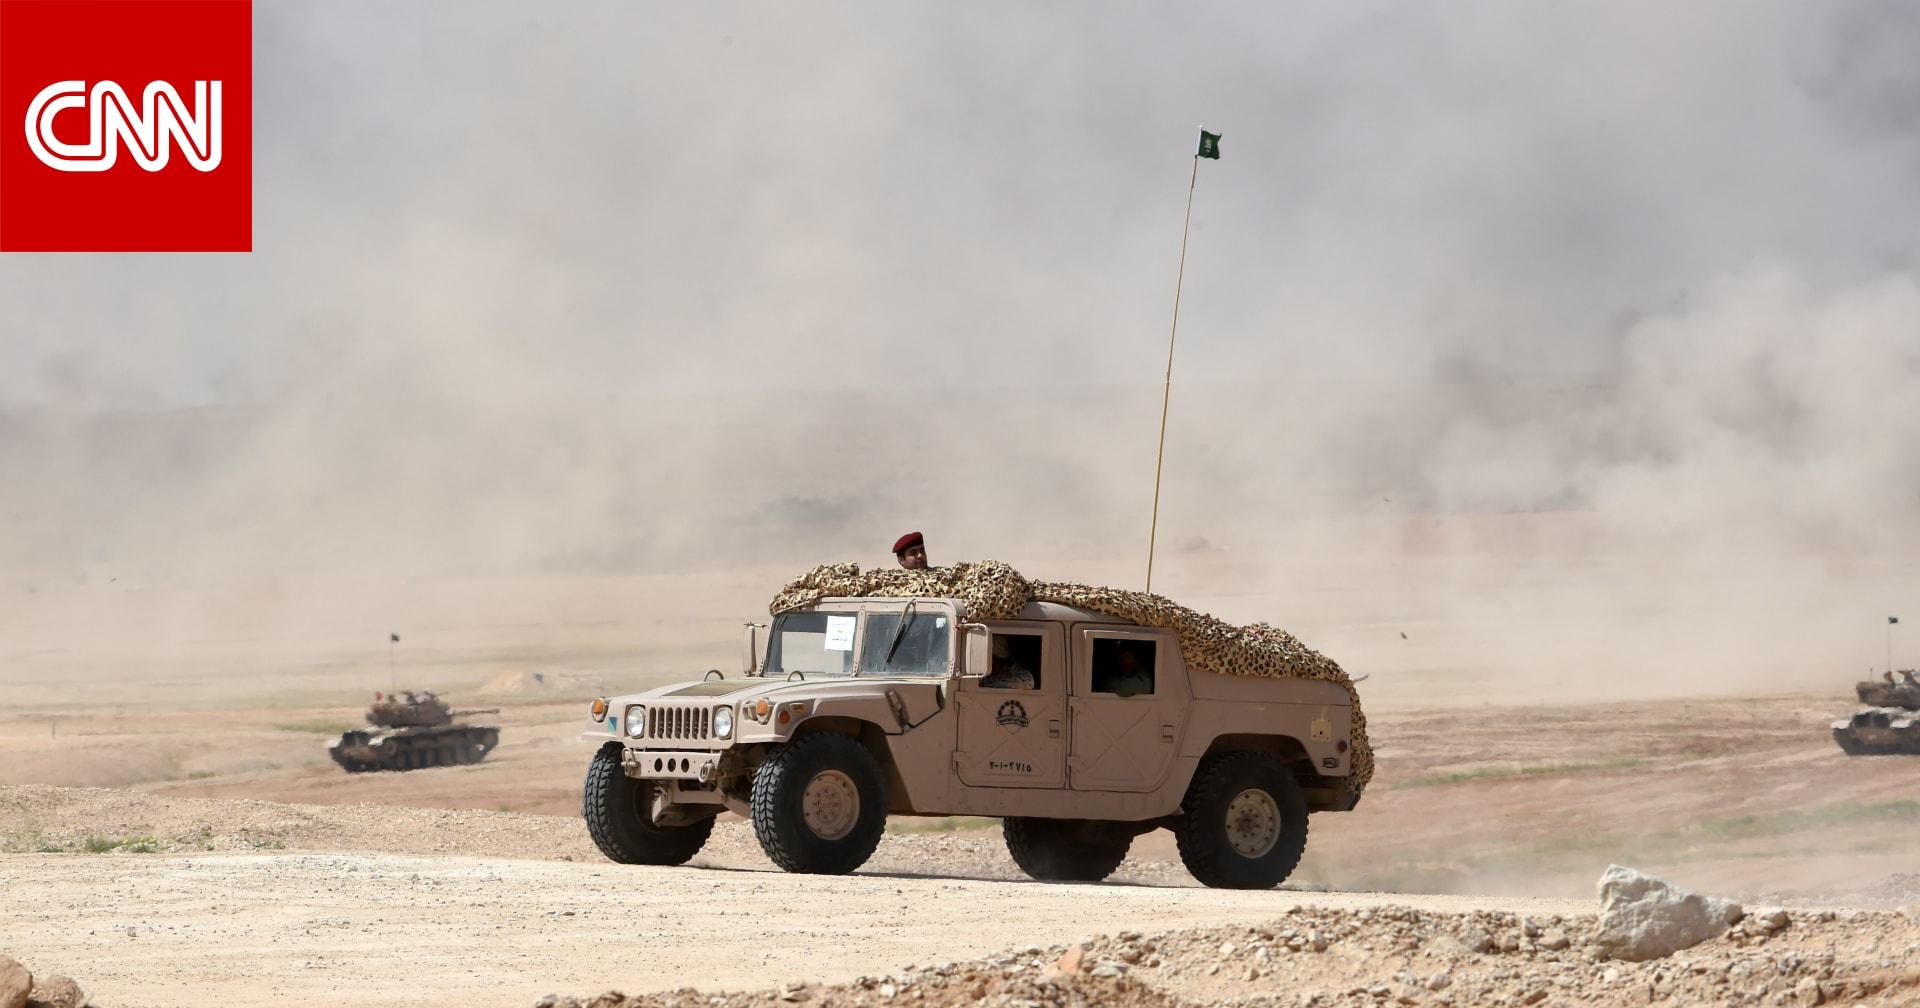 السعودية تخطط لاستثمار أكثر من 20 مليار دولار في الصناعات العسكرية خلال العقد المقبل